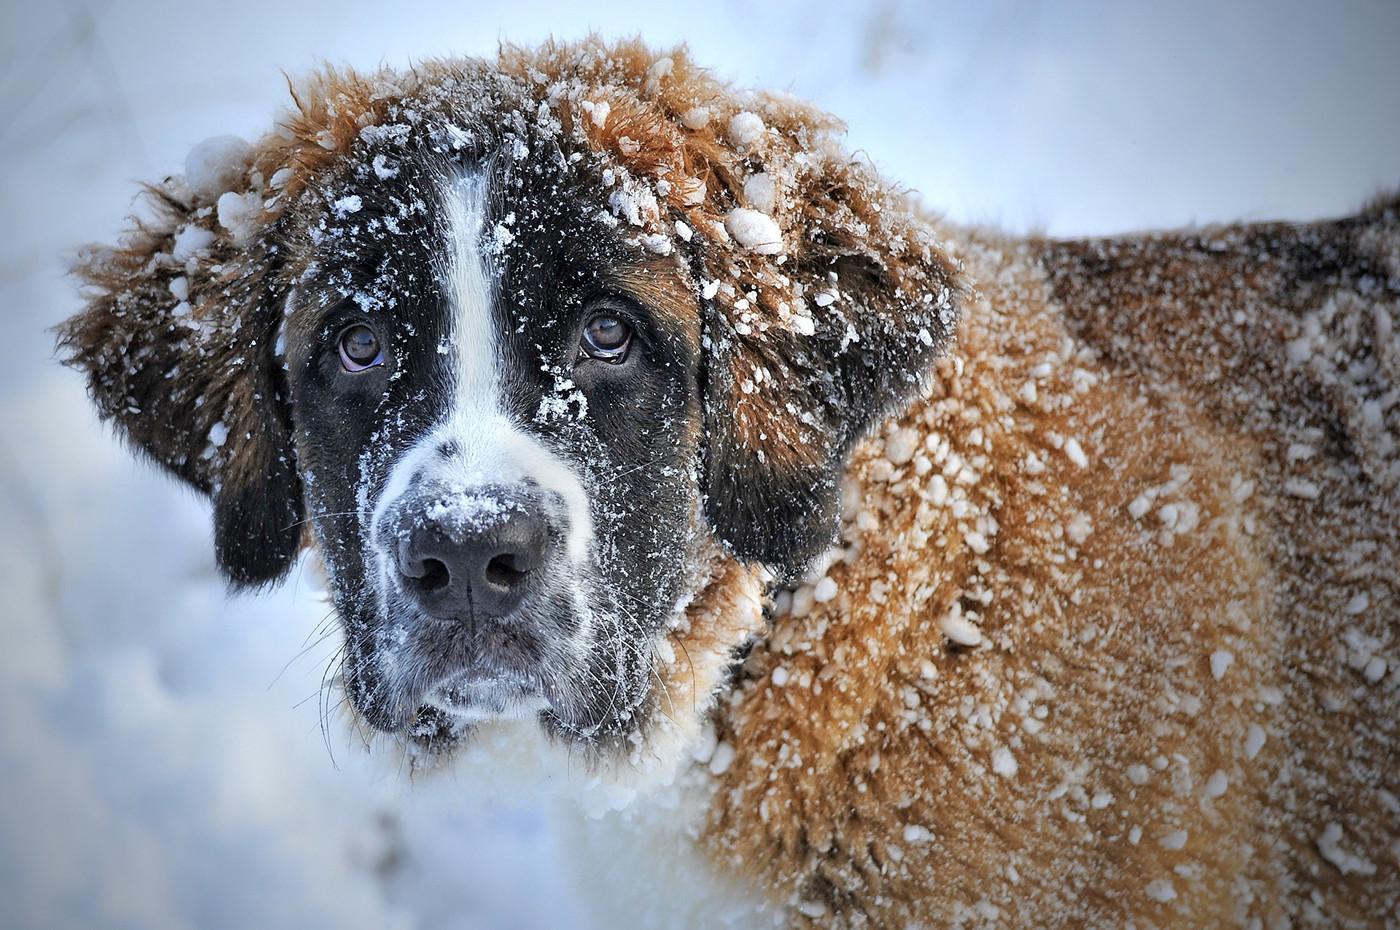 Ab wann ist Hunden eigentlich kalt? Diese Frage lässt sich pauschal nicht beantworten.